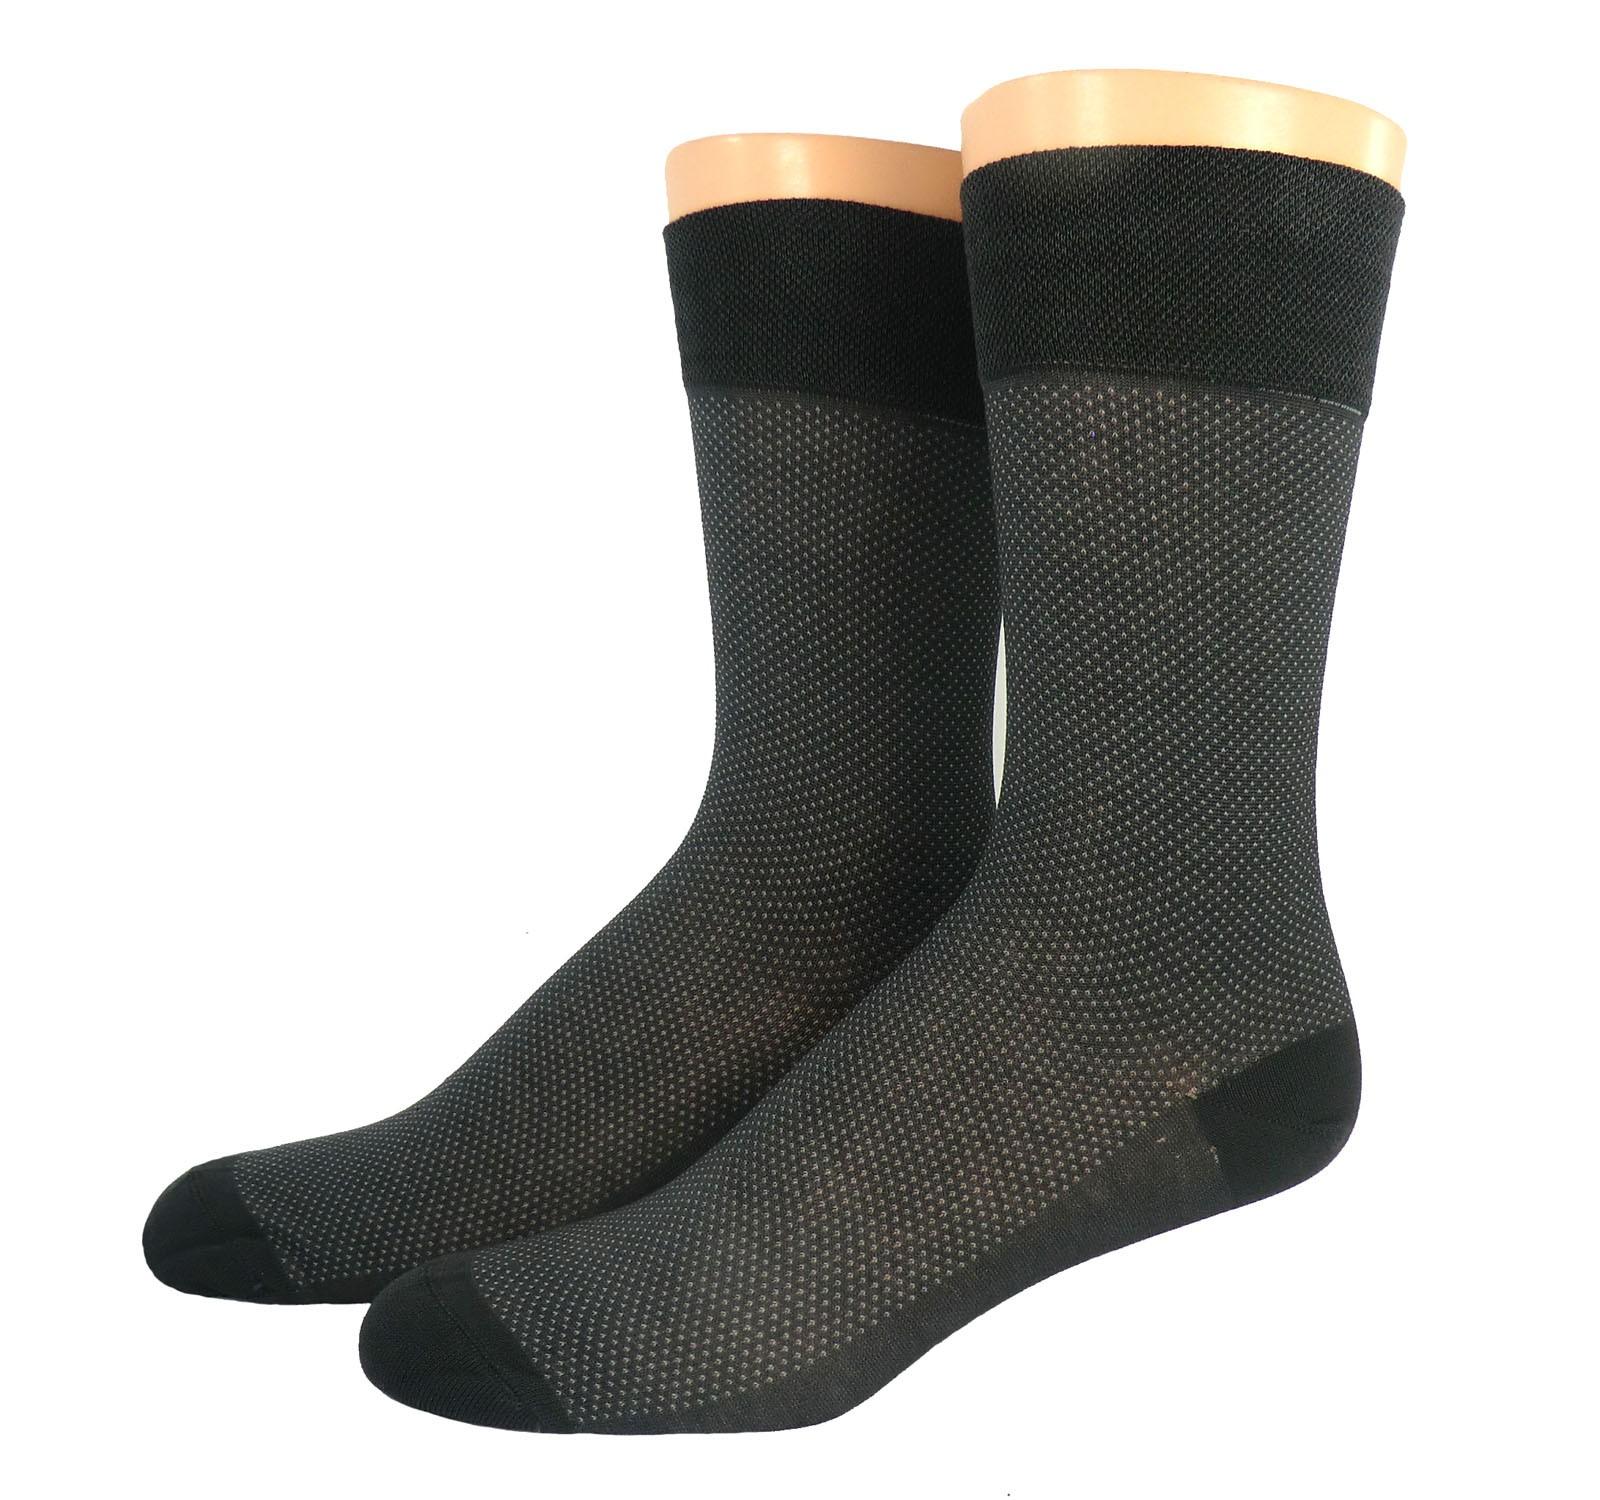 Socken & Strümpfe für Herren - im Online Shop von free-desktop-stripper.ml In unserem Online Shop finden Sie ausserdem funktionale Socken & Strümpfe für den sportlichen Einsatz, zum Beispiel passende Socken für den Wanderausflug, warme Kniestrümpfe, oder dämpfende Sportsocken - unser breites Sortiment an Herren Socken & Strümpfen lässt keine Wünsche offen.